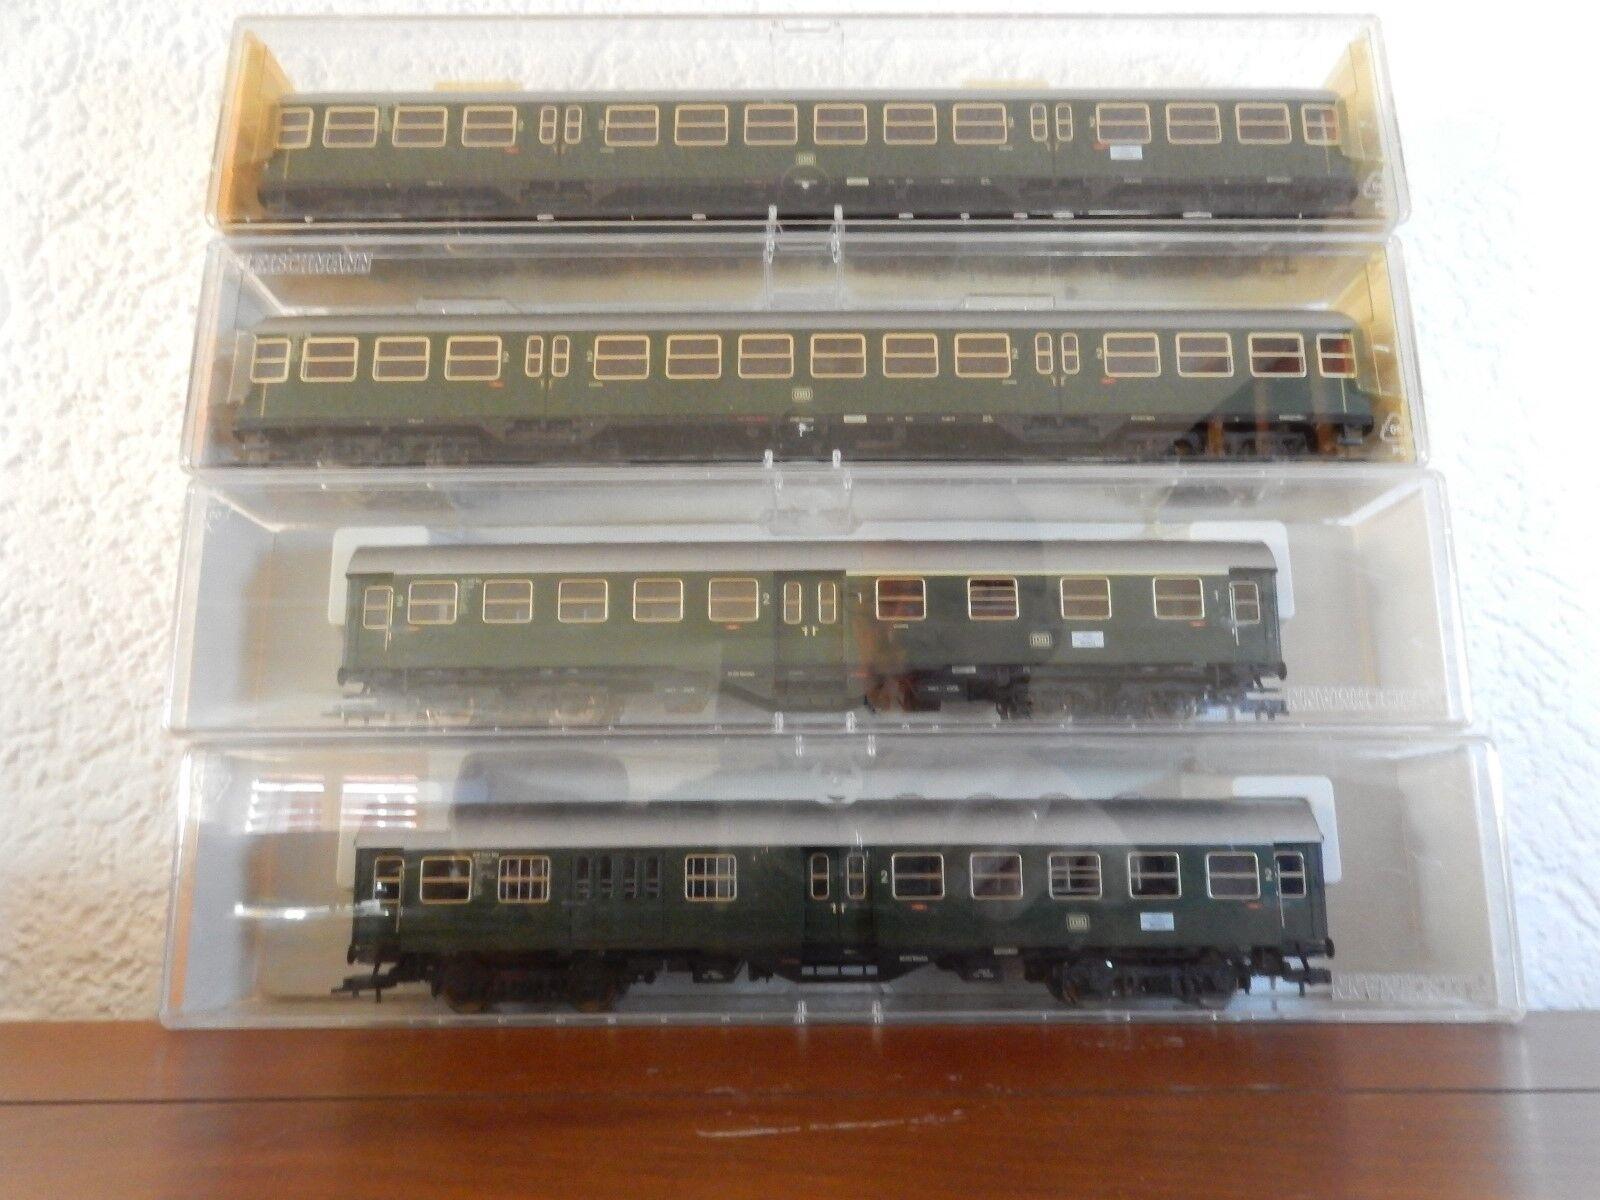 Fleischmann eilzug vagoni-Set  originale  illuminato 5860, 5861, 5862, 5863